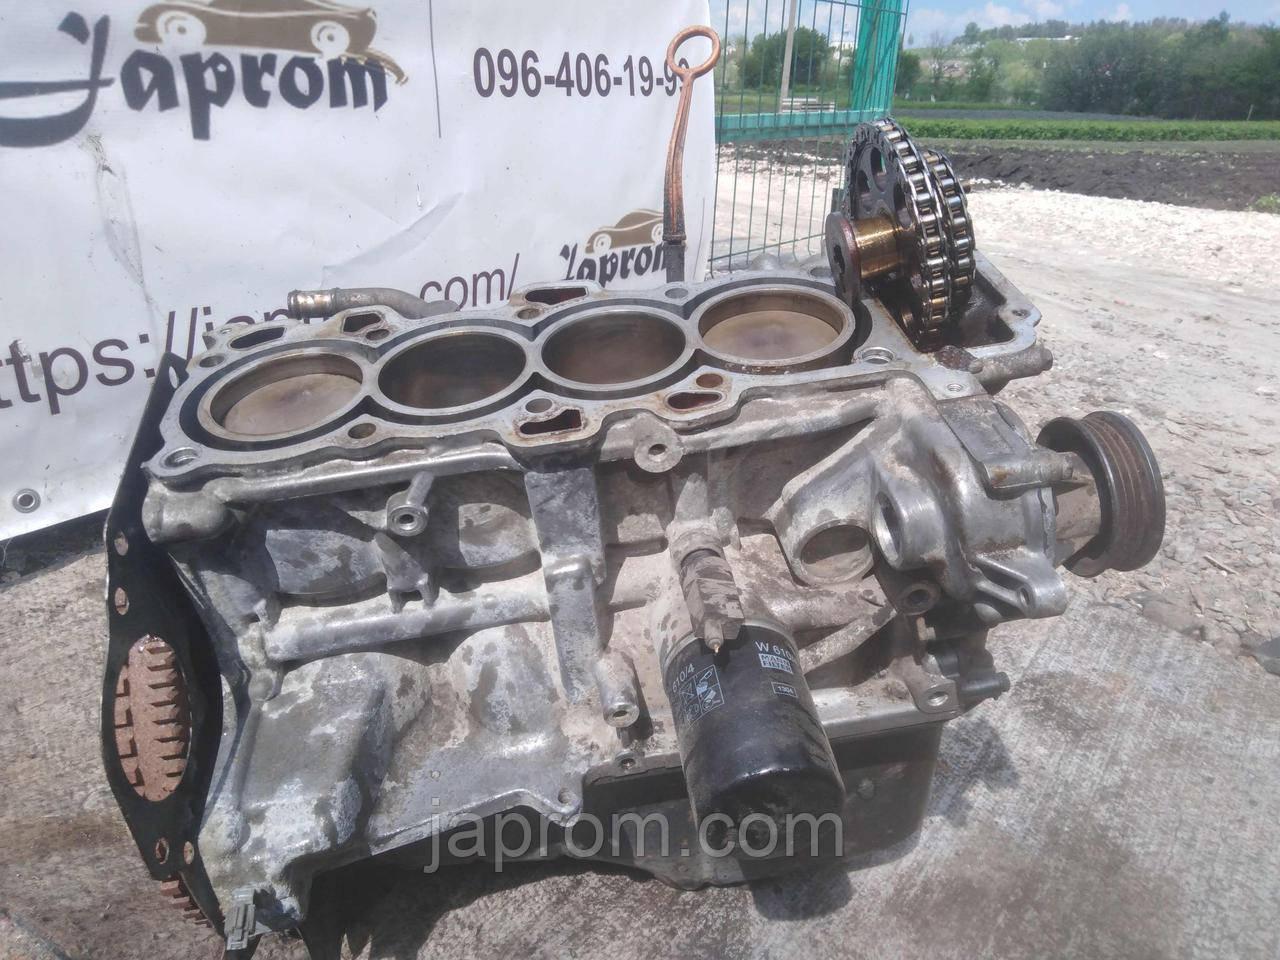 Блок двигателя (низ в сборе) Nissan Micra K11 2001г.в. CG10 8359770